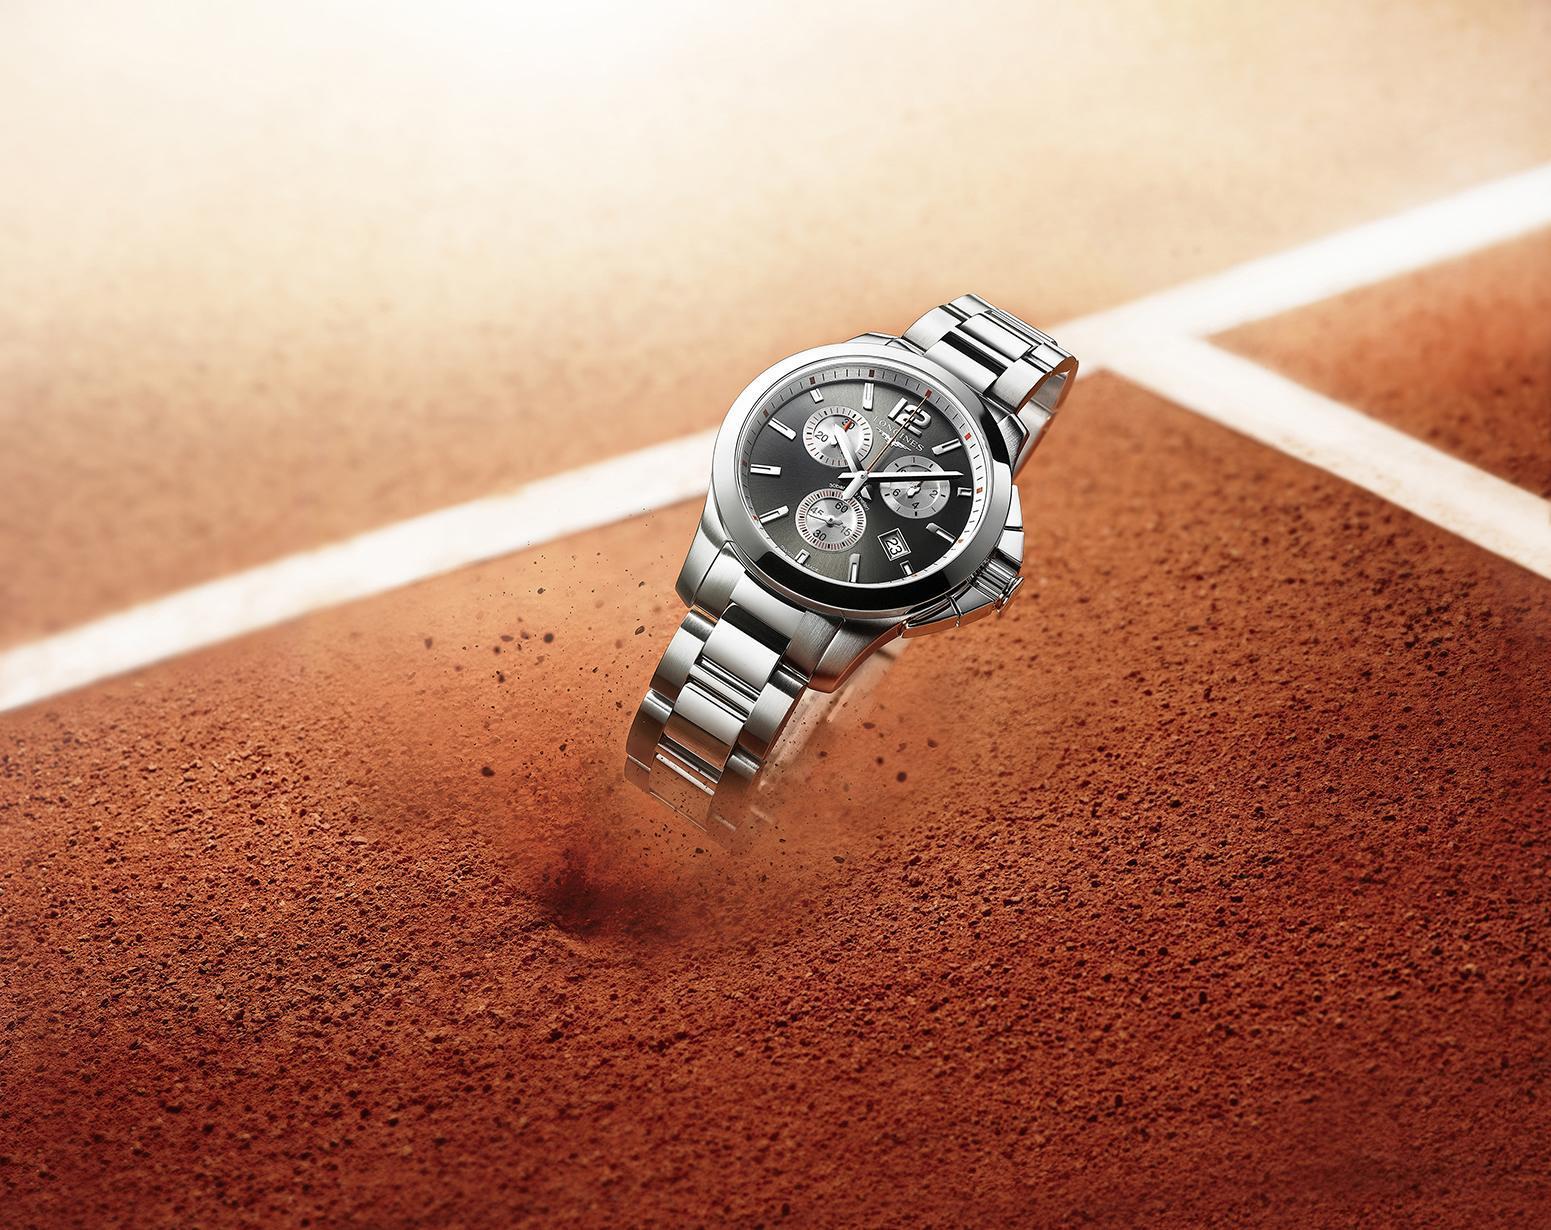 La elegancia deportiva, ahora encapsulada en el nuevo modelo femenino Conquest Roland Garros